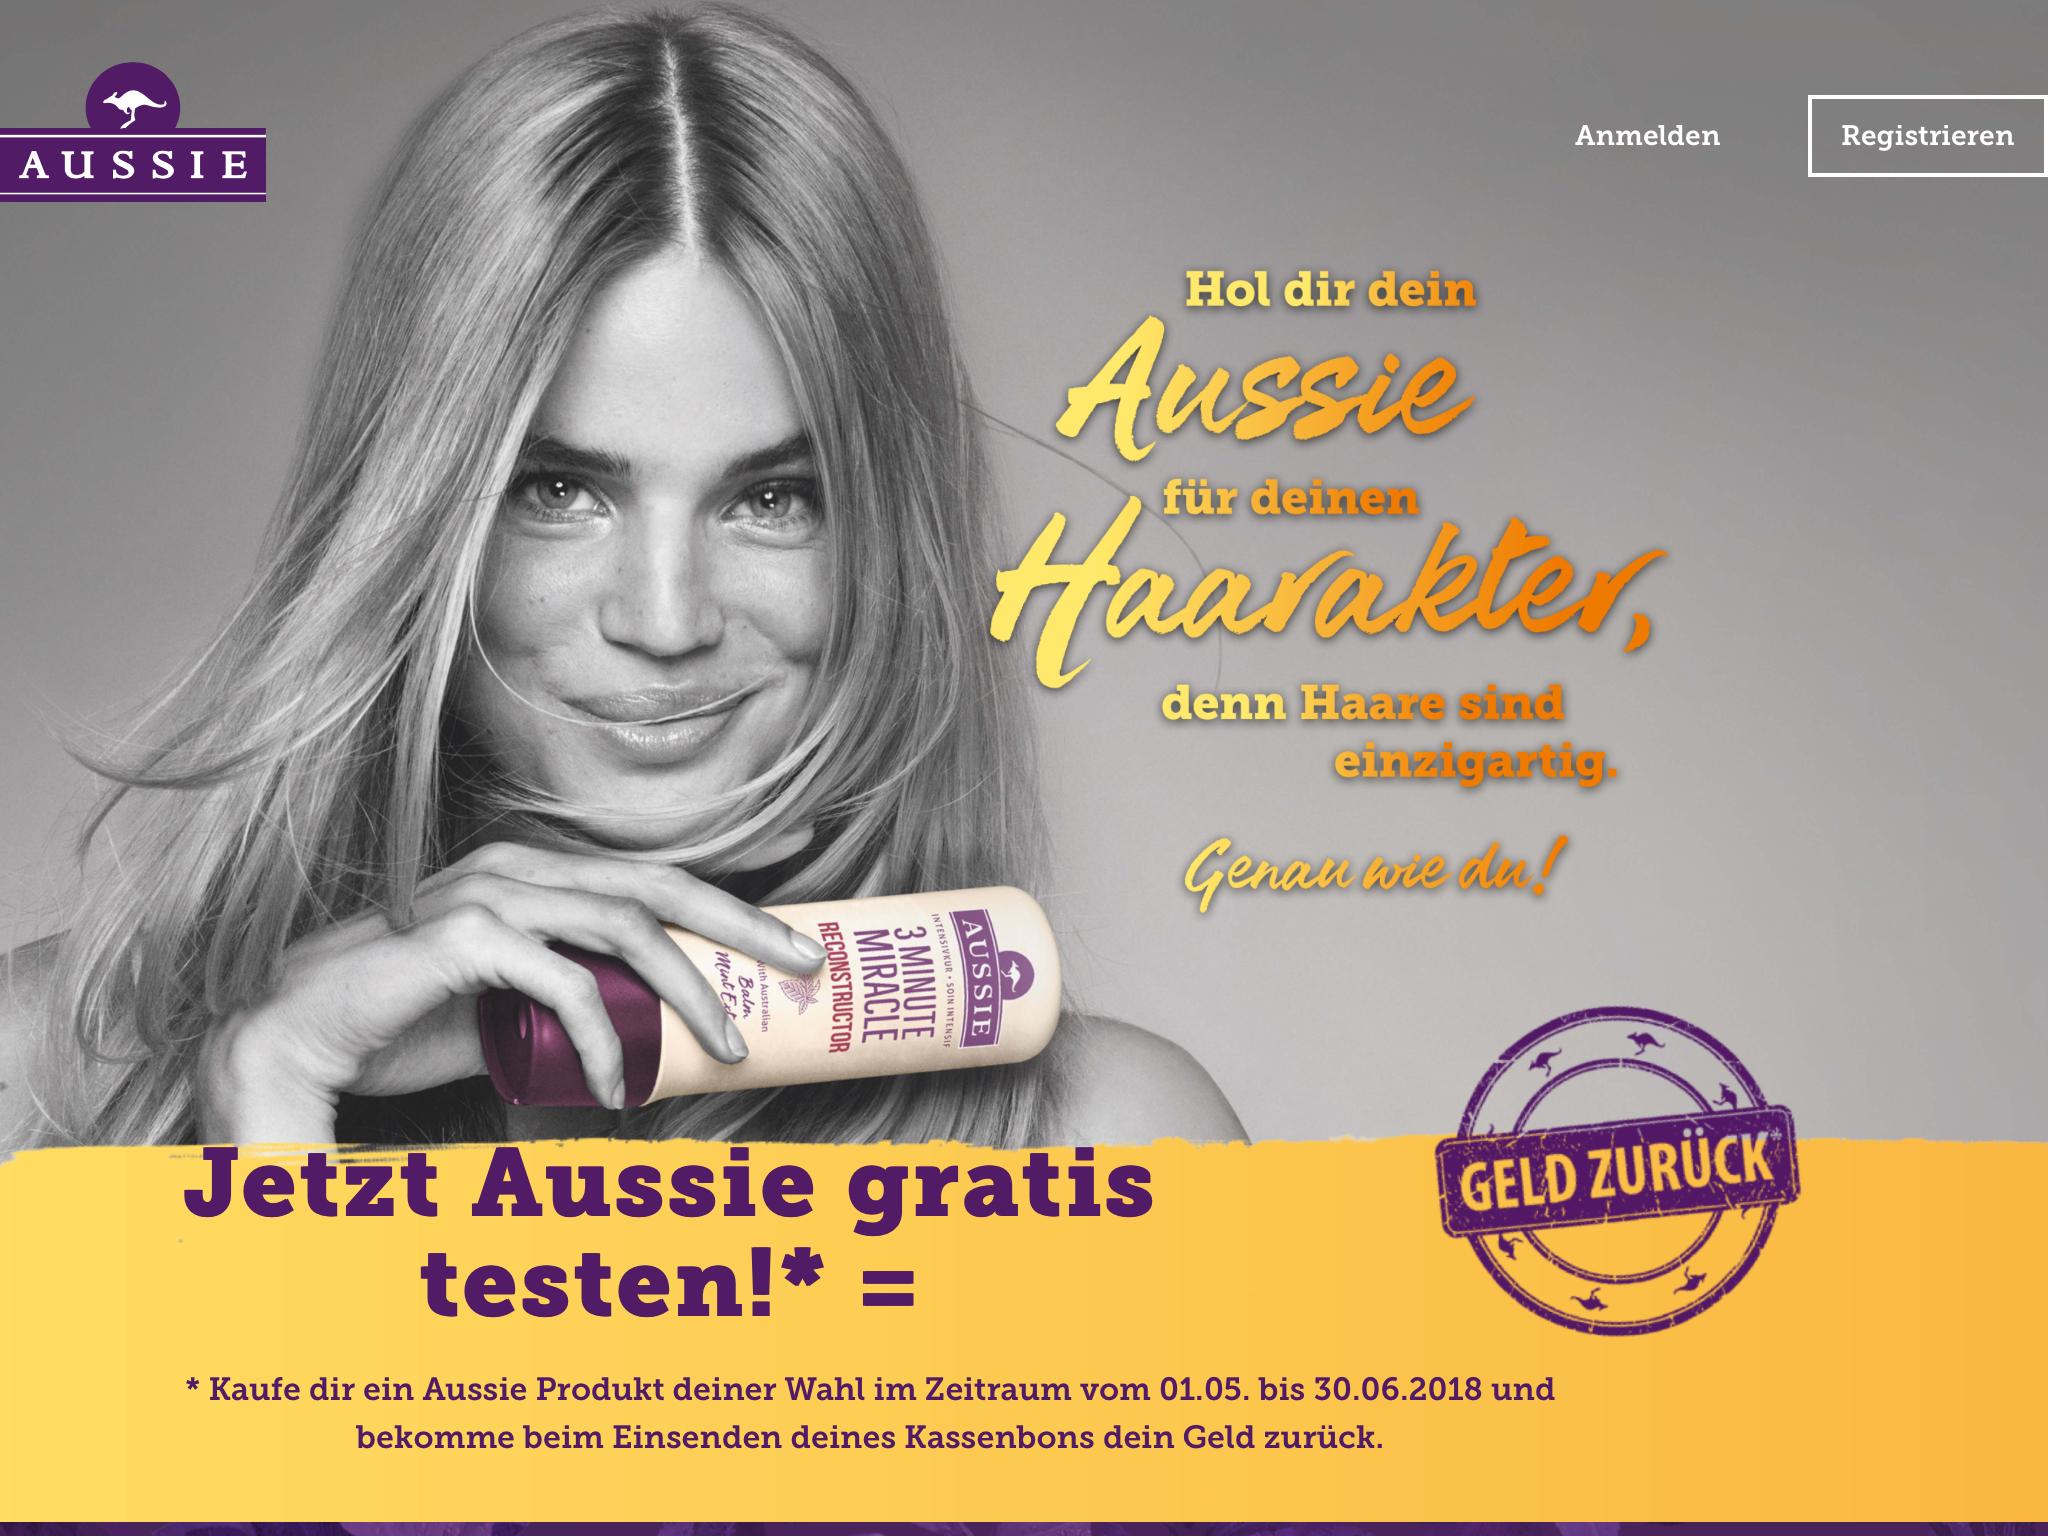 AUSSIE hair (gratis testen) Geld zurück